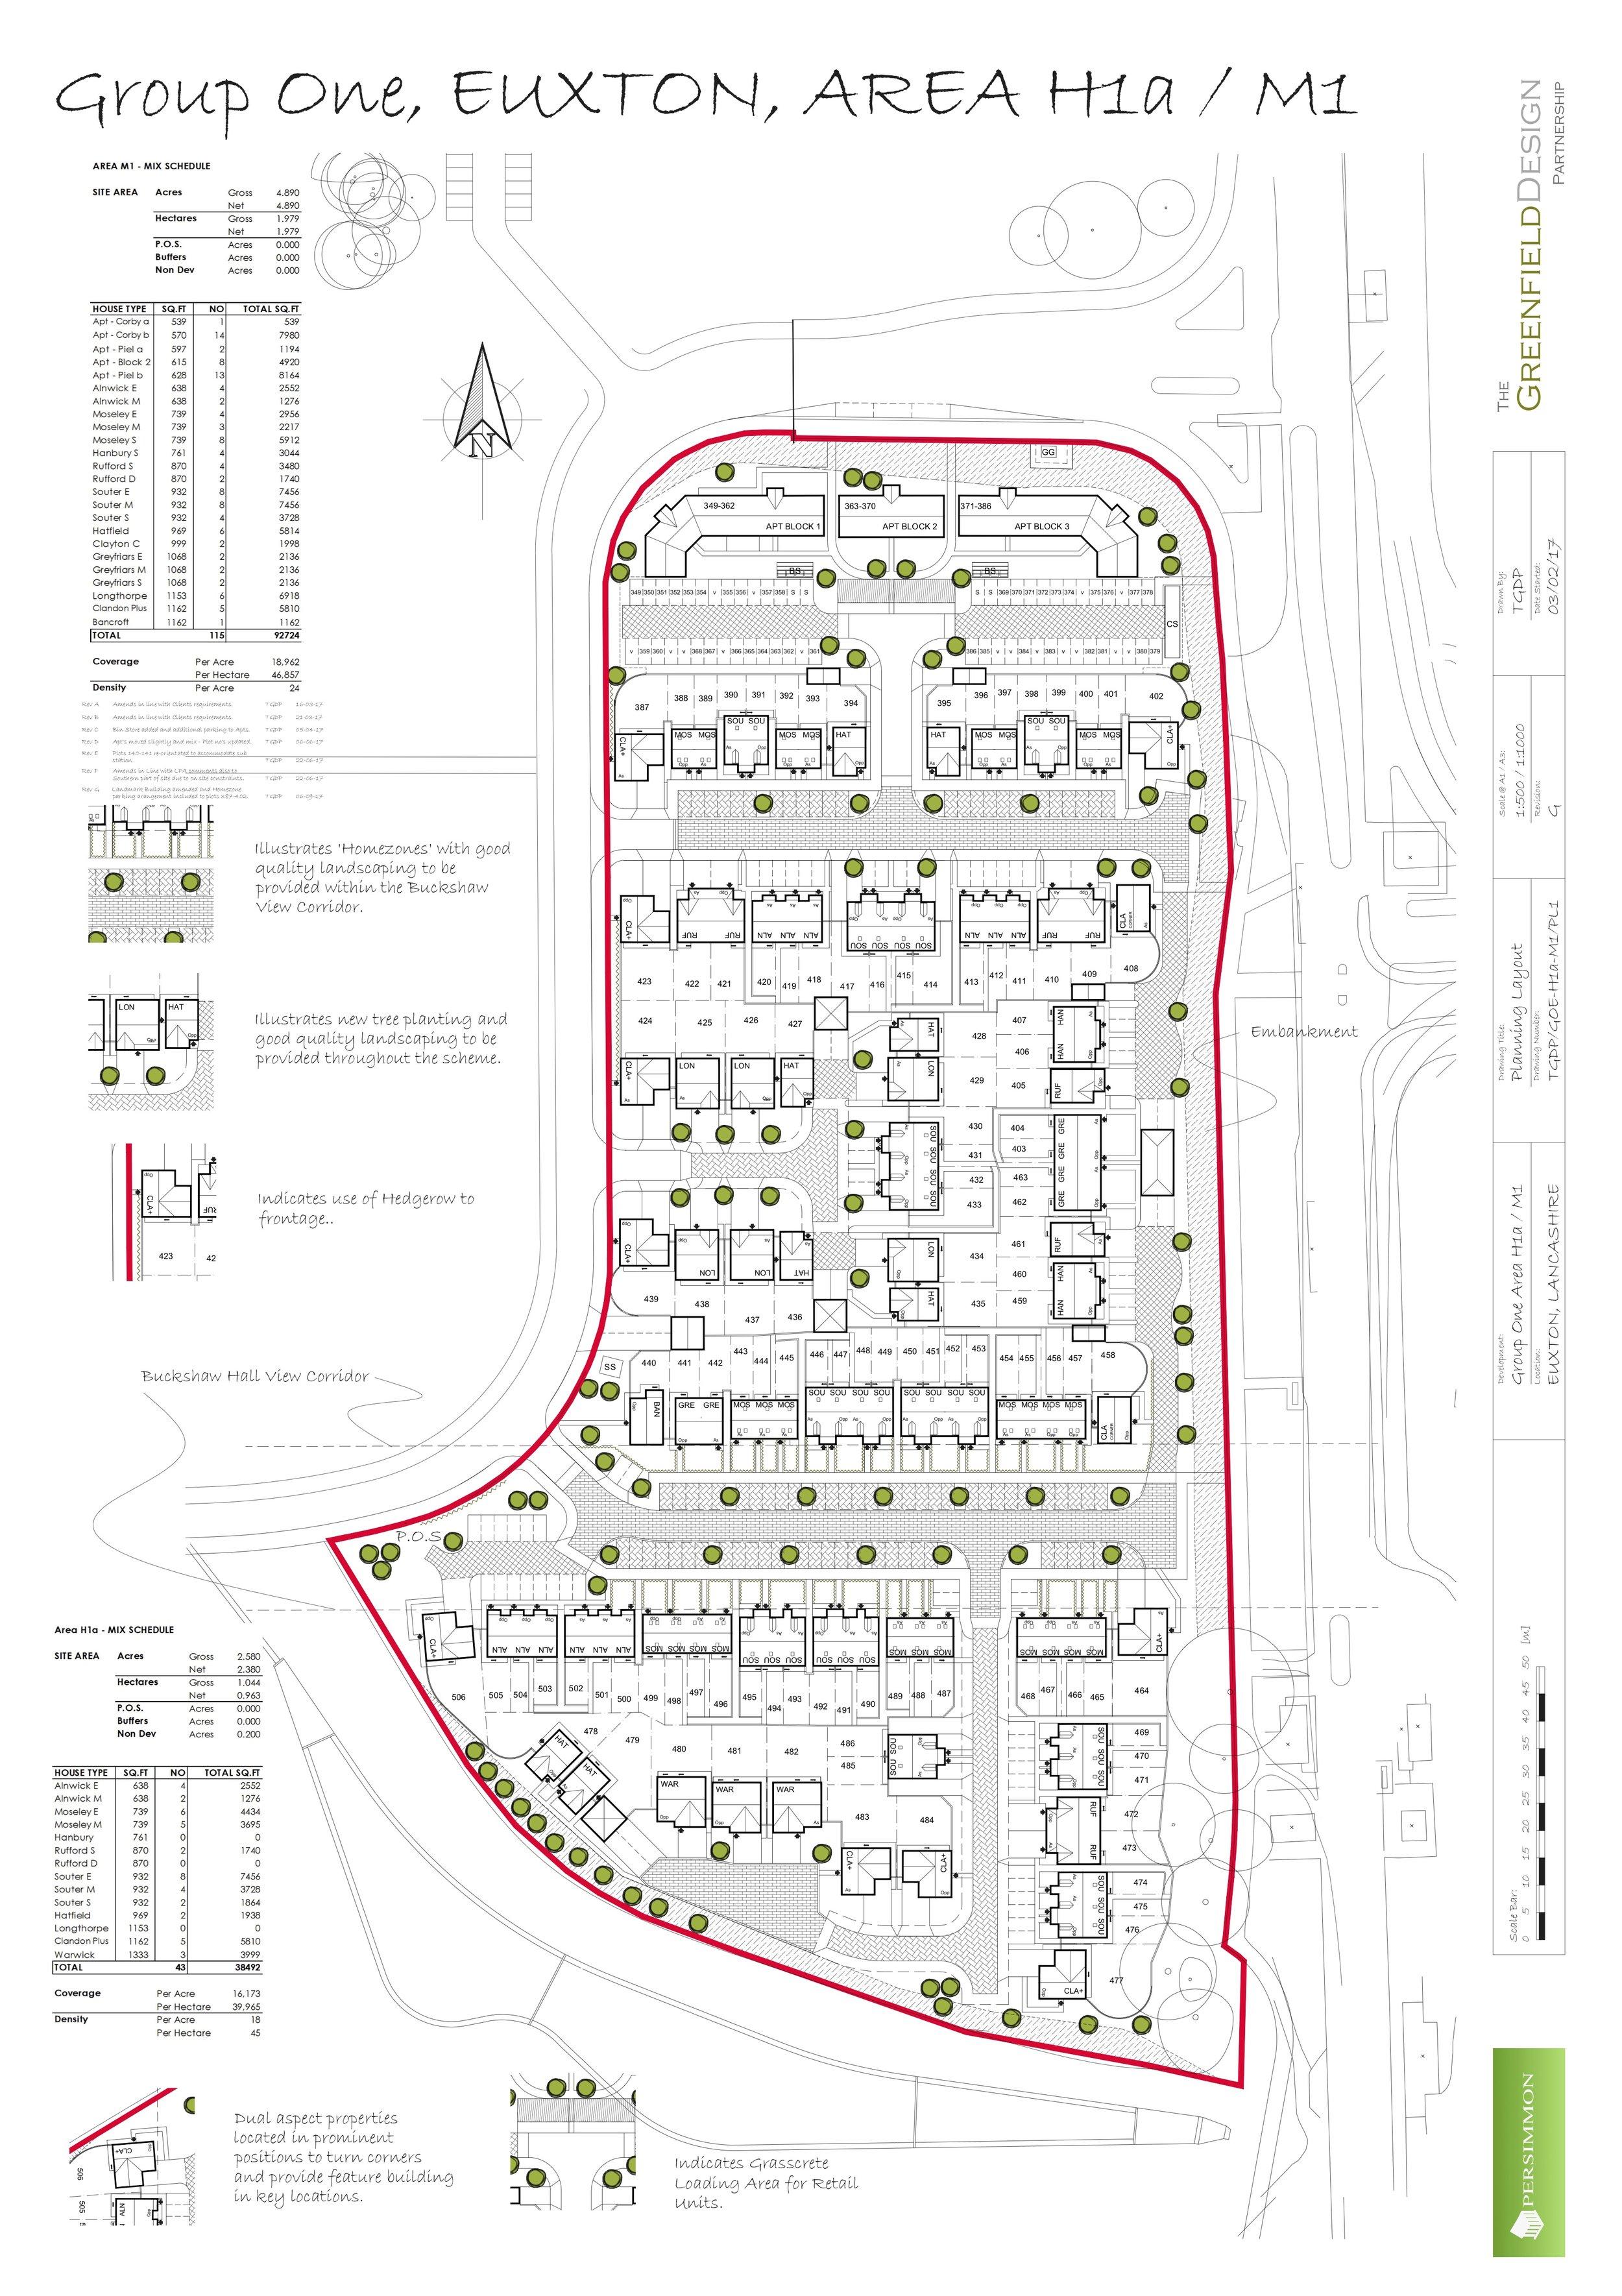 M1 Planning Layout Rev G.jpg